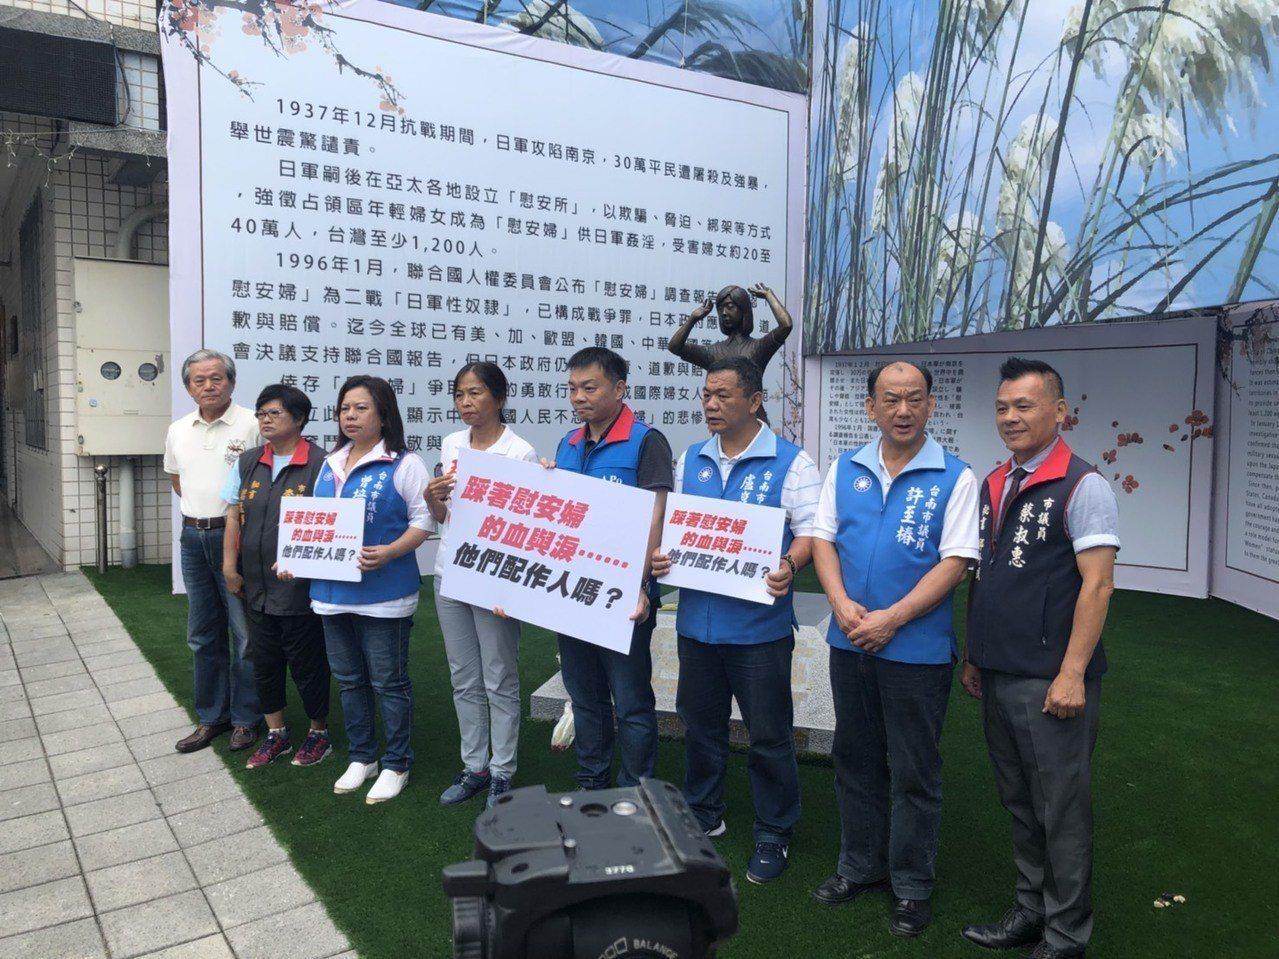 國民黨提名台南市長參選人高思博前往慰安婦銅像抗議 圖/高團隊提供